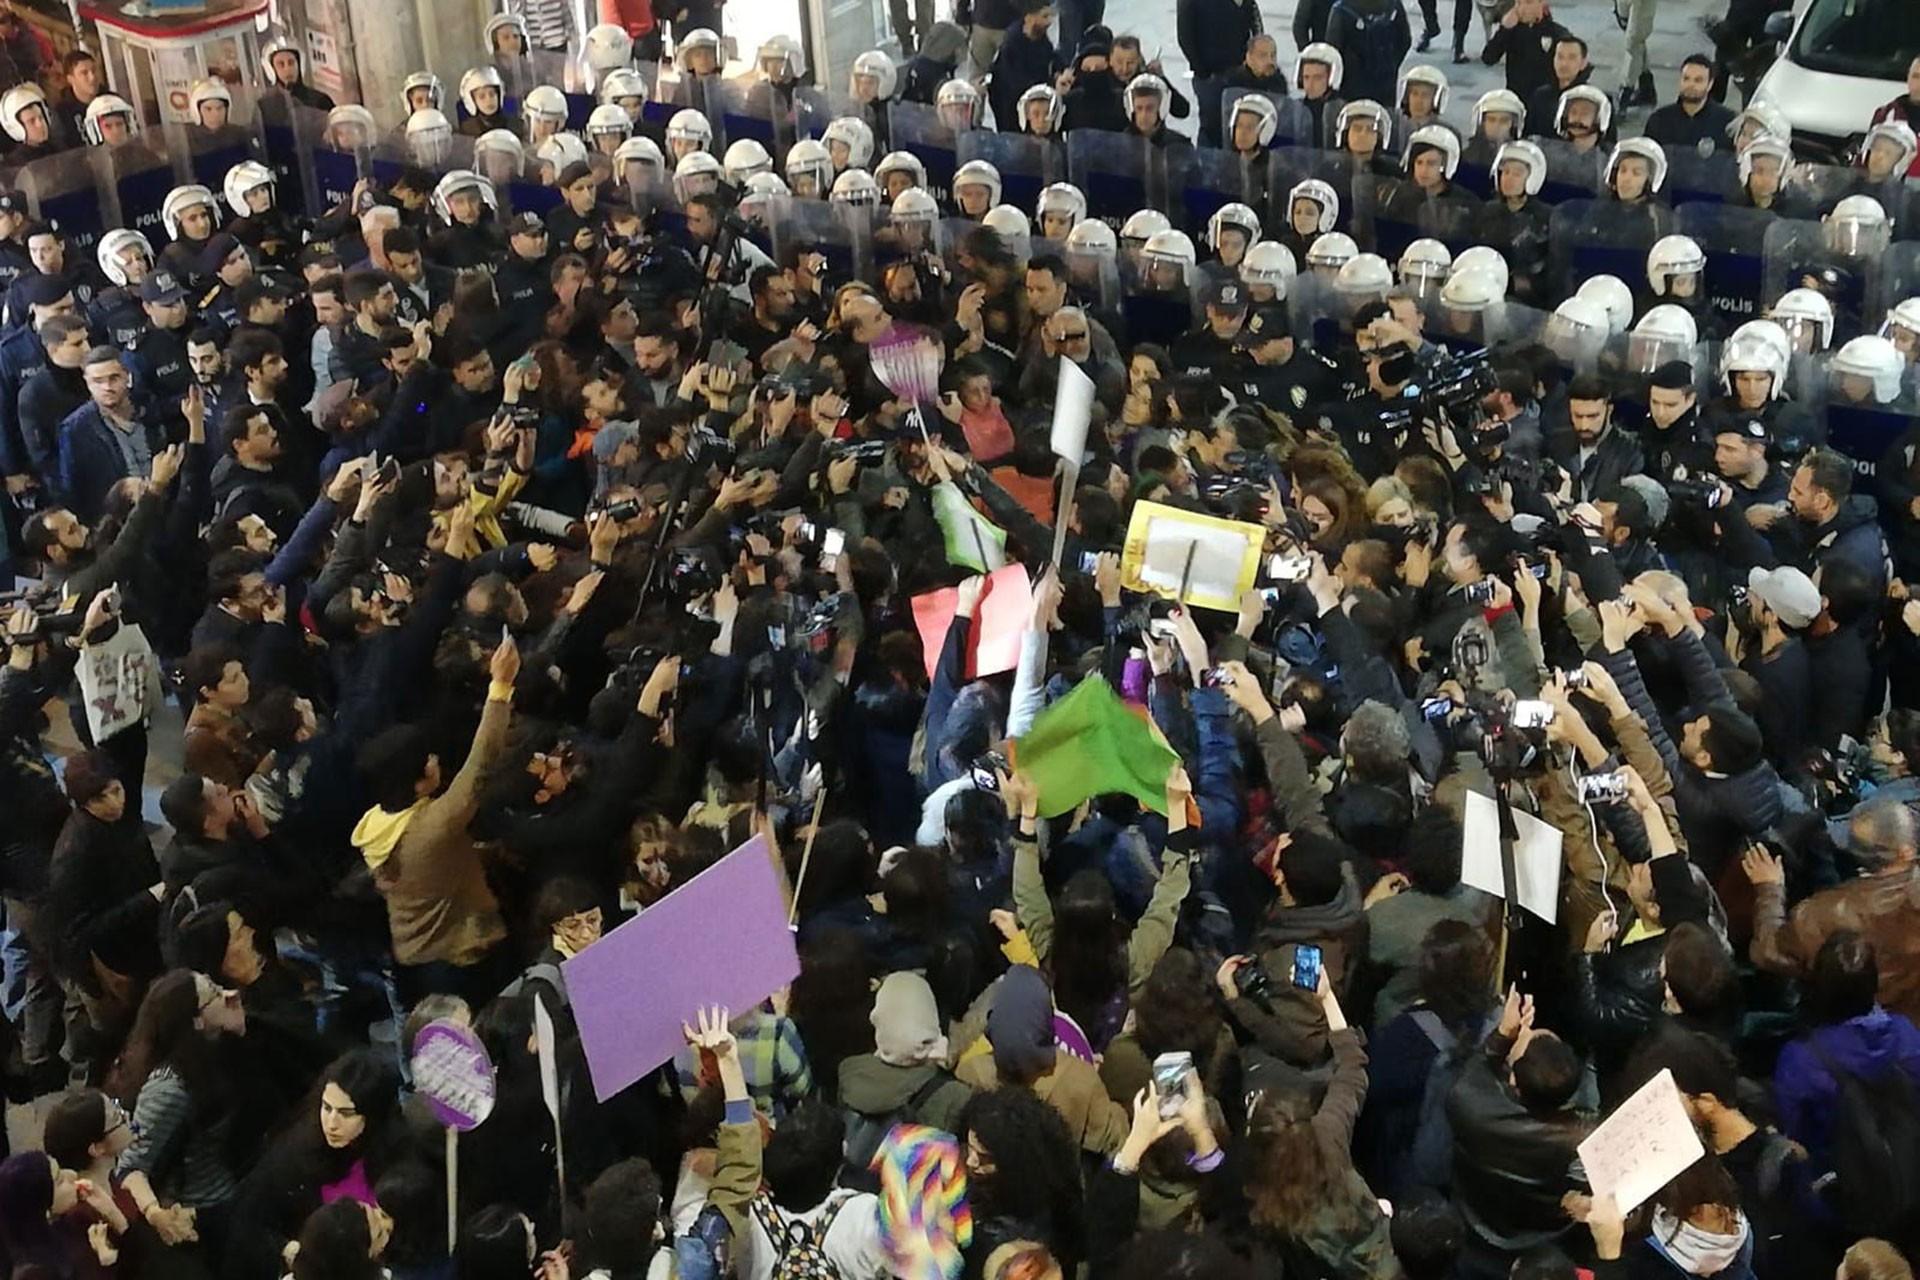 İstanbul'daki 25 Kasım eyleminde polisle karşı karşıya gelen kadınlar